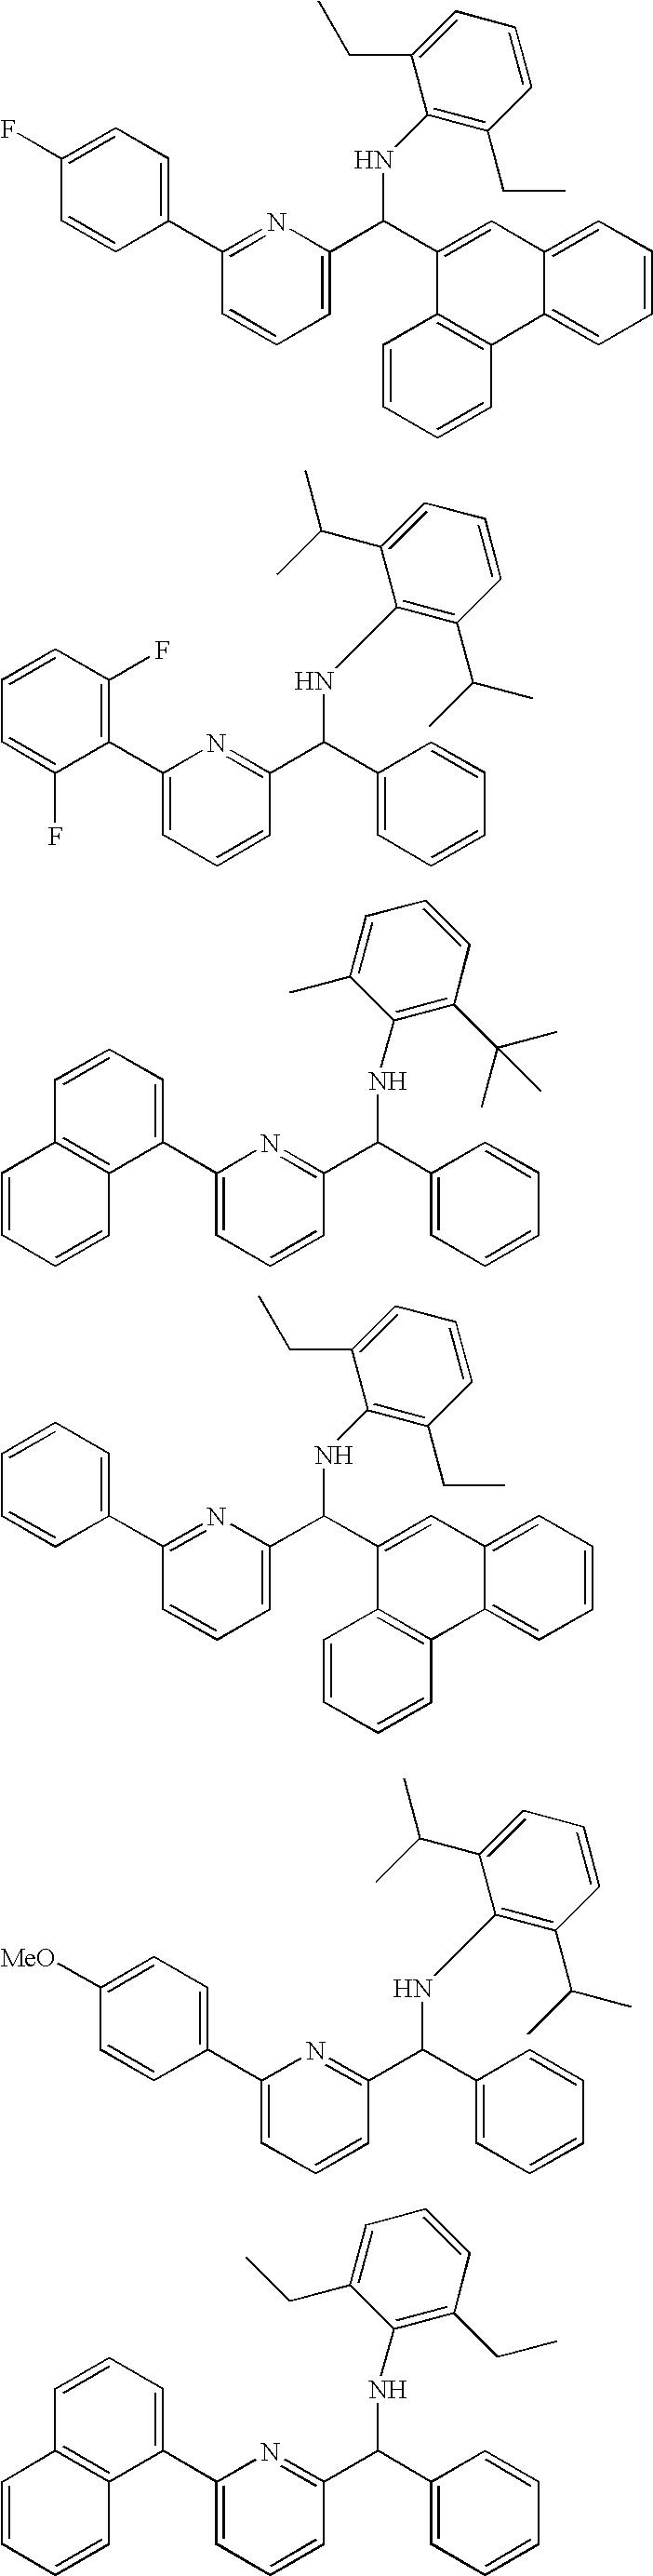 Figure US06900321-20050531-C00022